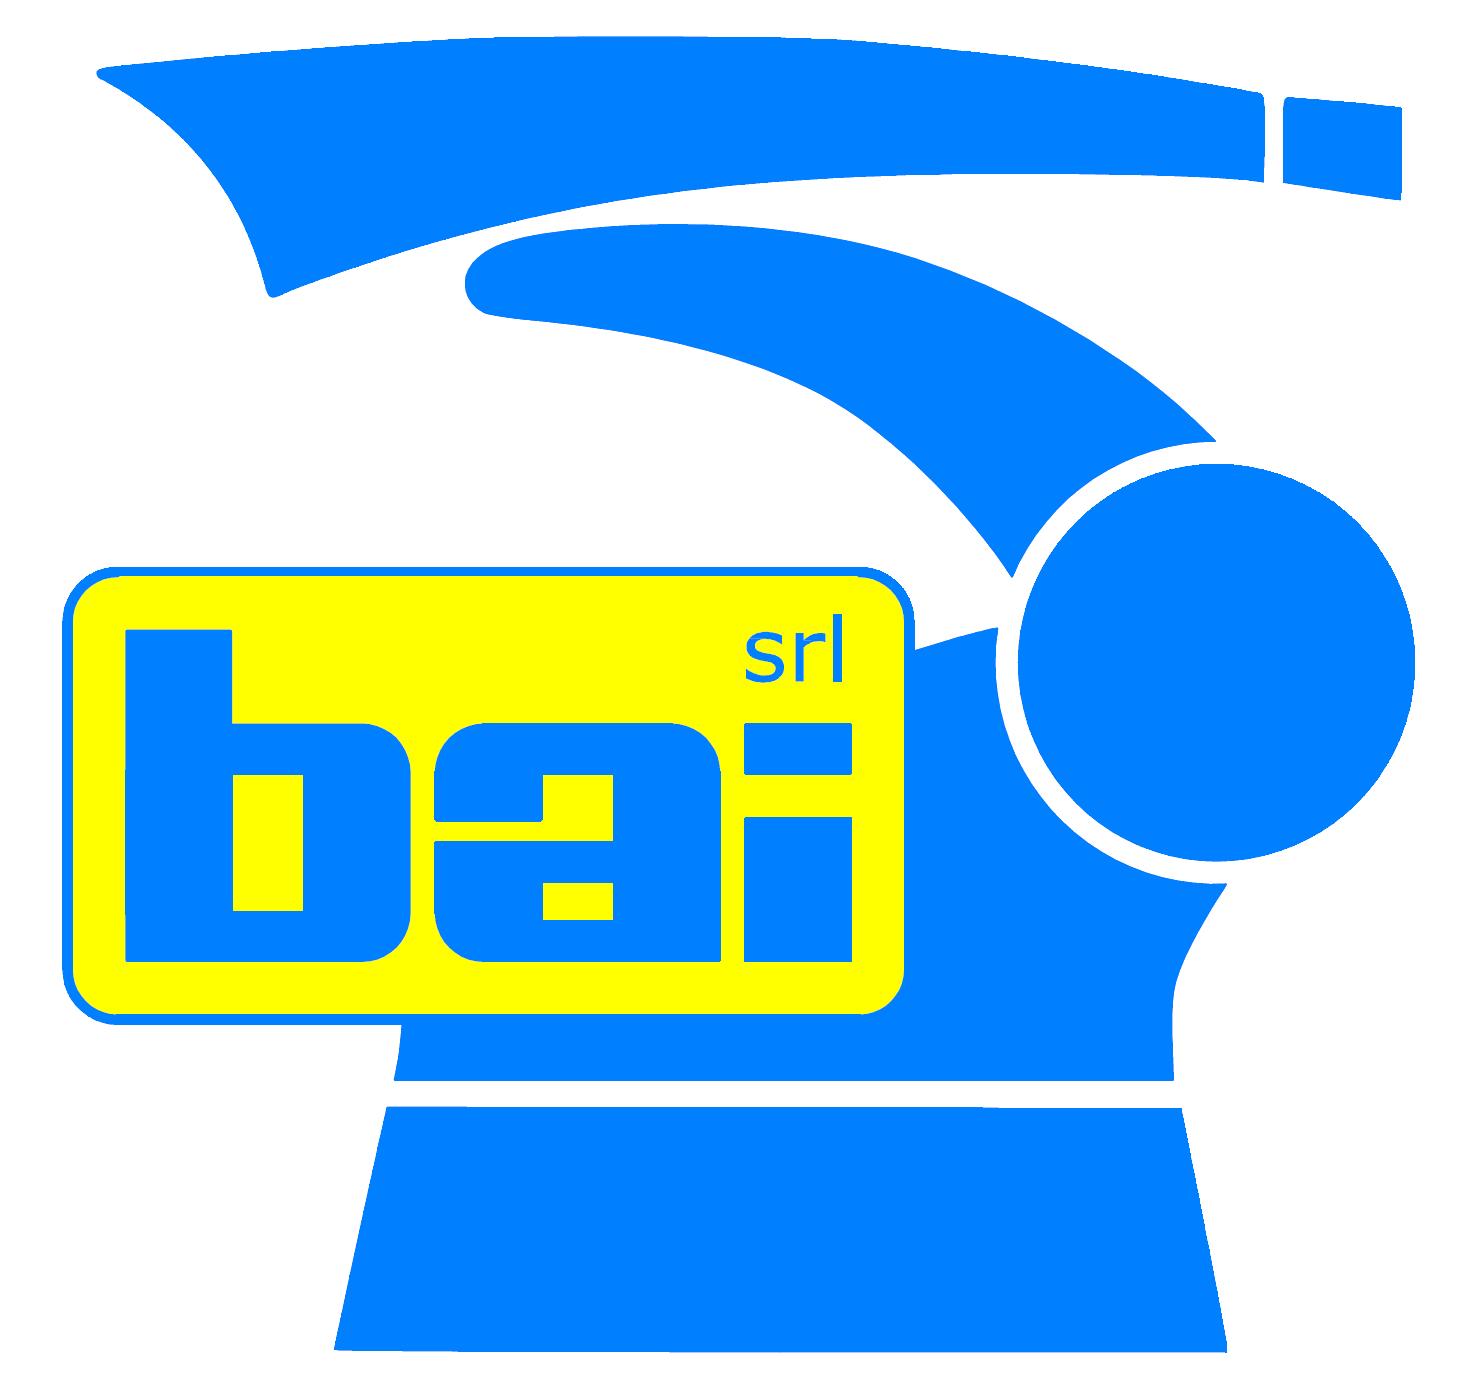 BAI - Barison Automazione Industriale